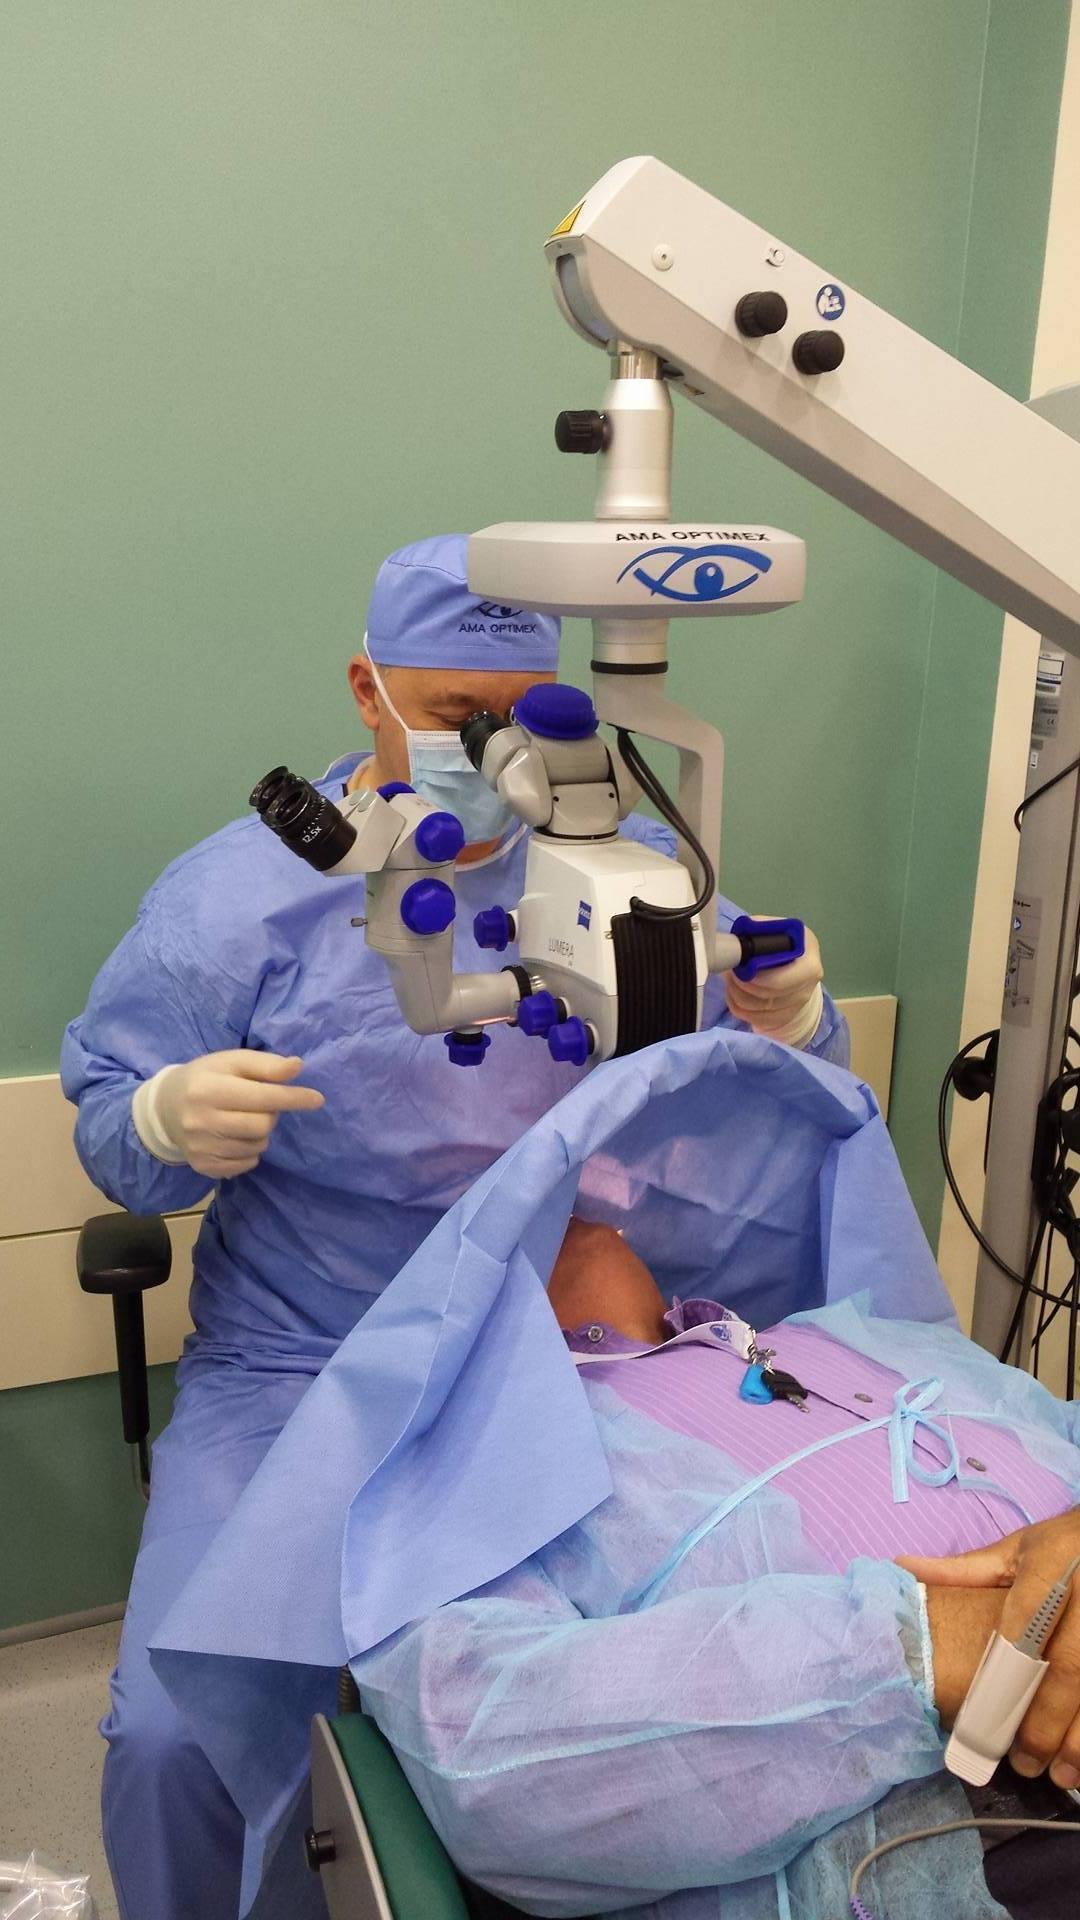 vederea cataractei nu și-a revenit după operație